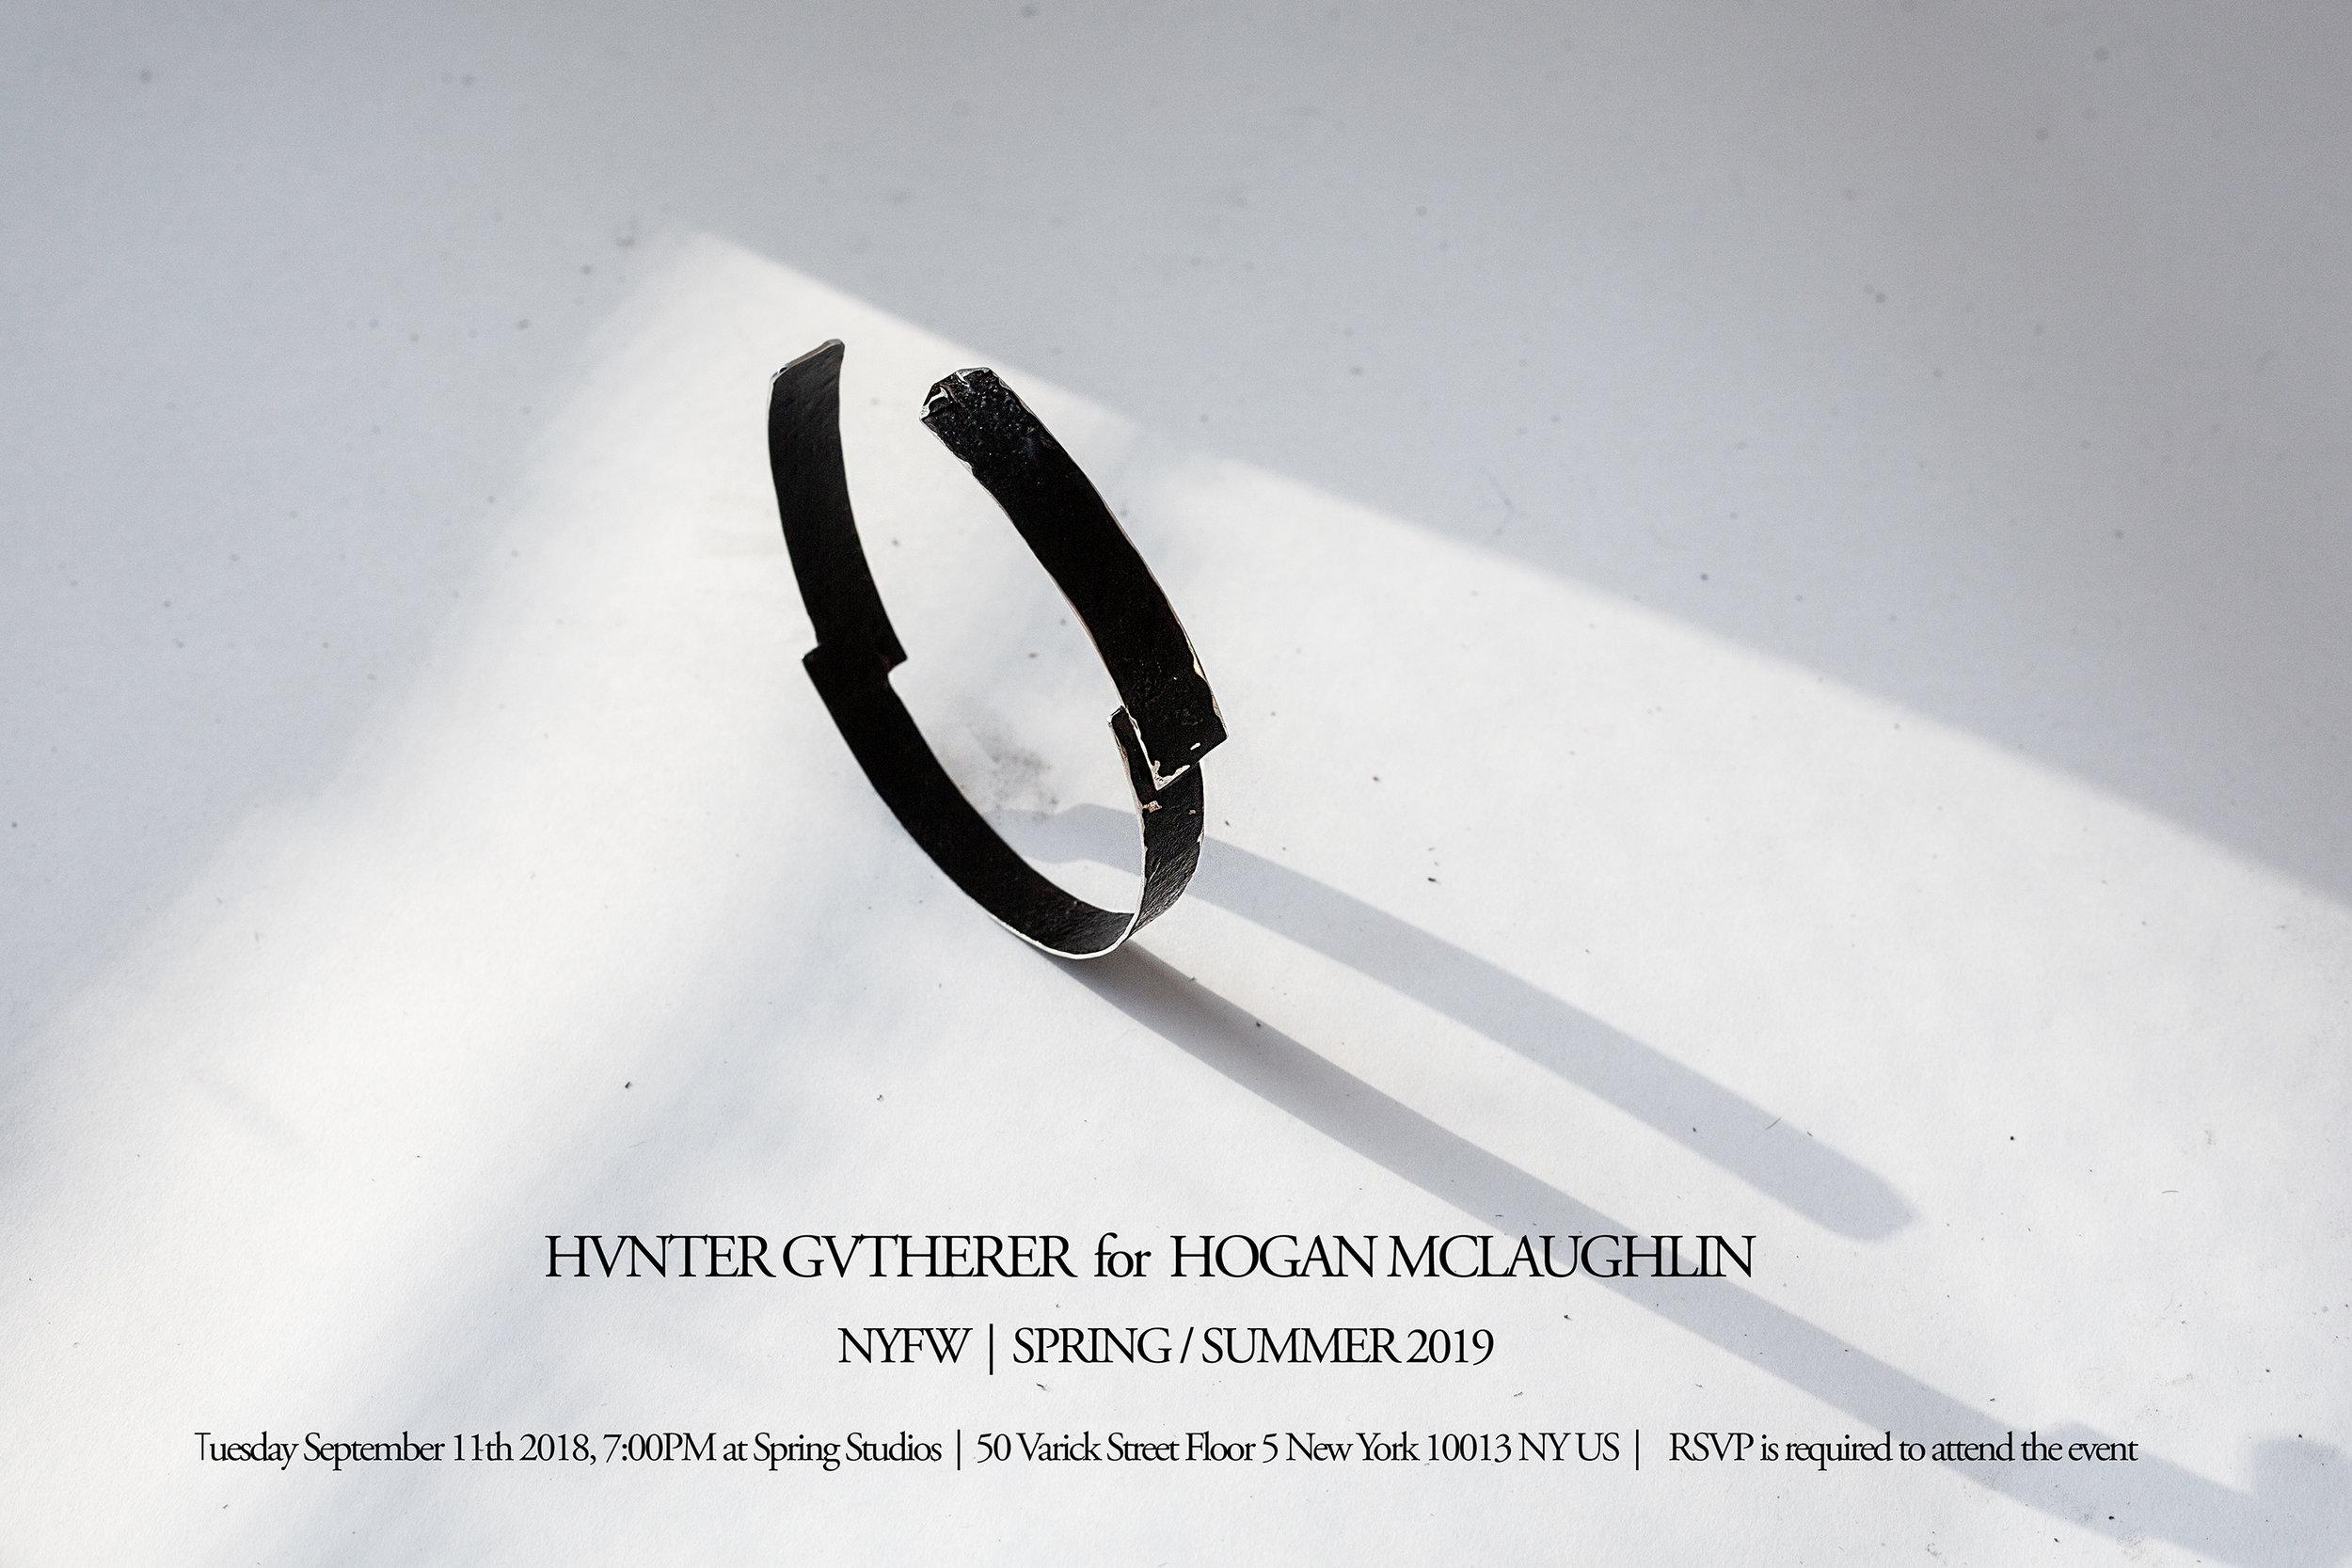 HVGV4HM-NYFW-FLYER.jpg